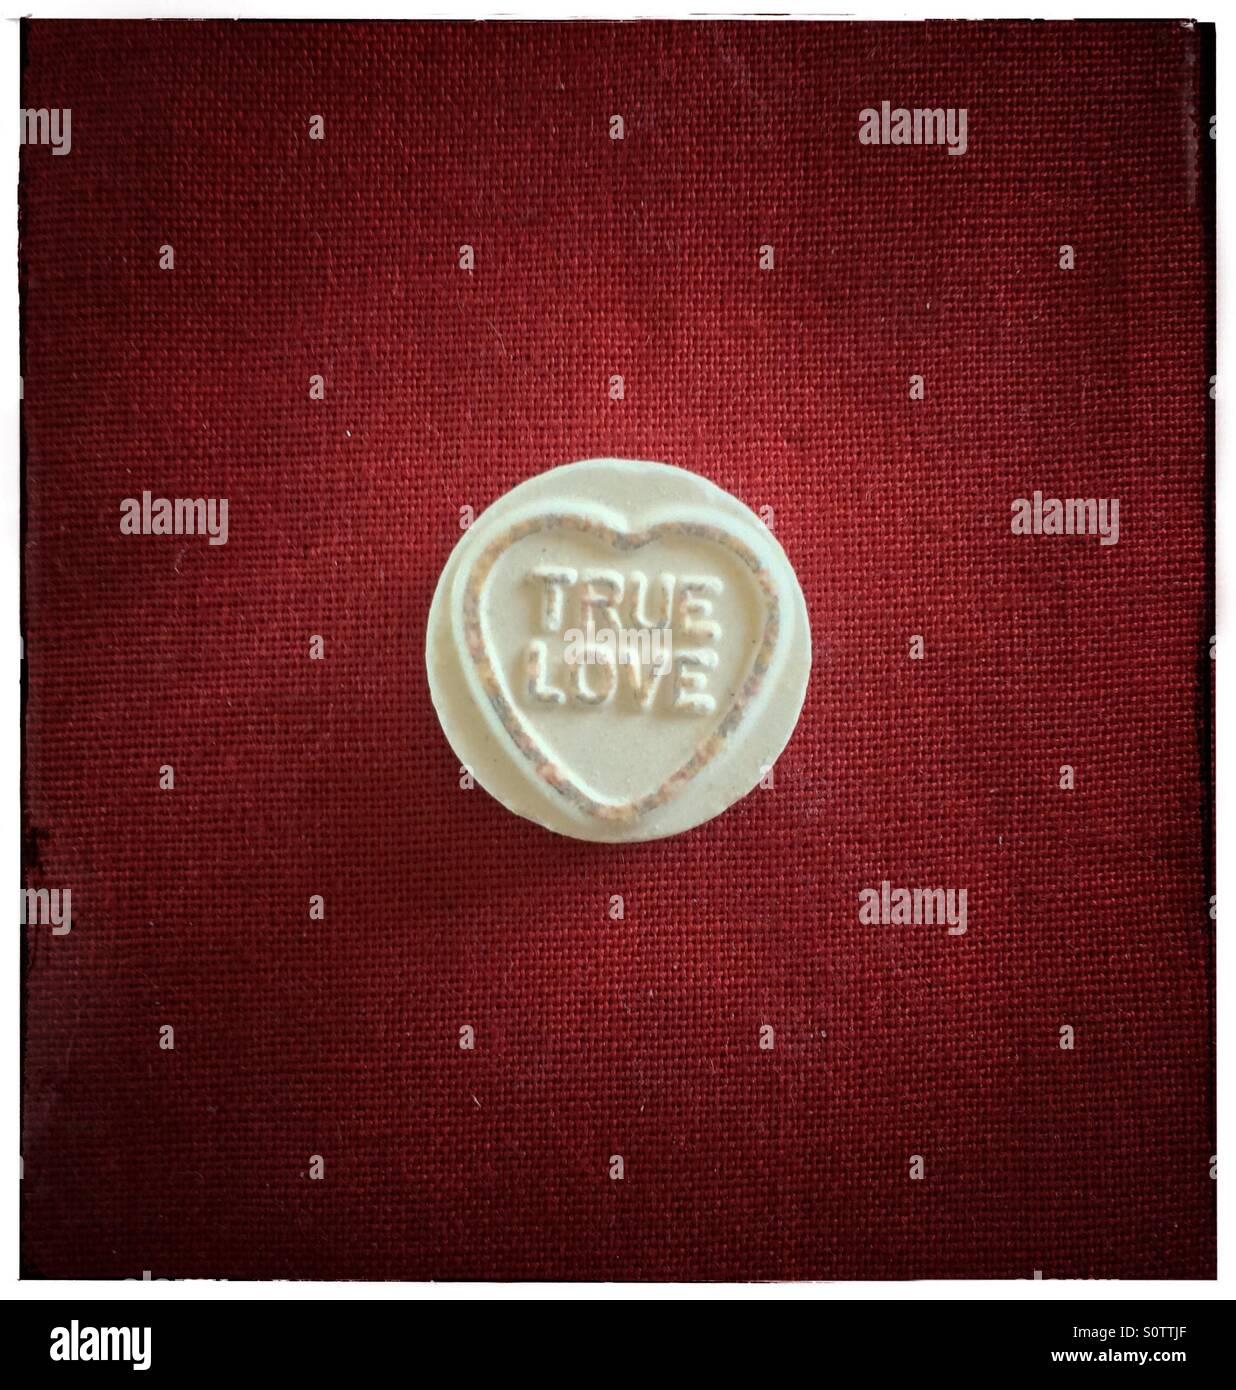 Il vero amore, loveheart dolce. Immagini Stock